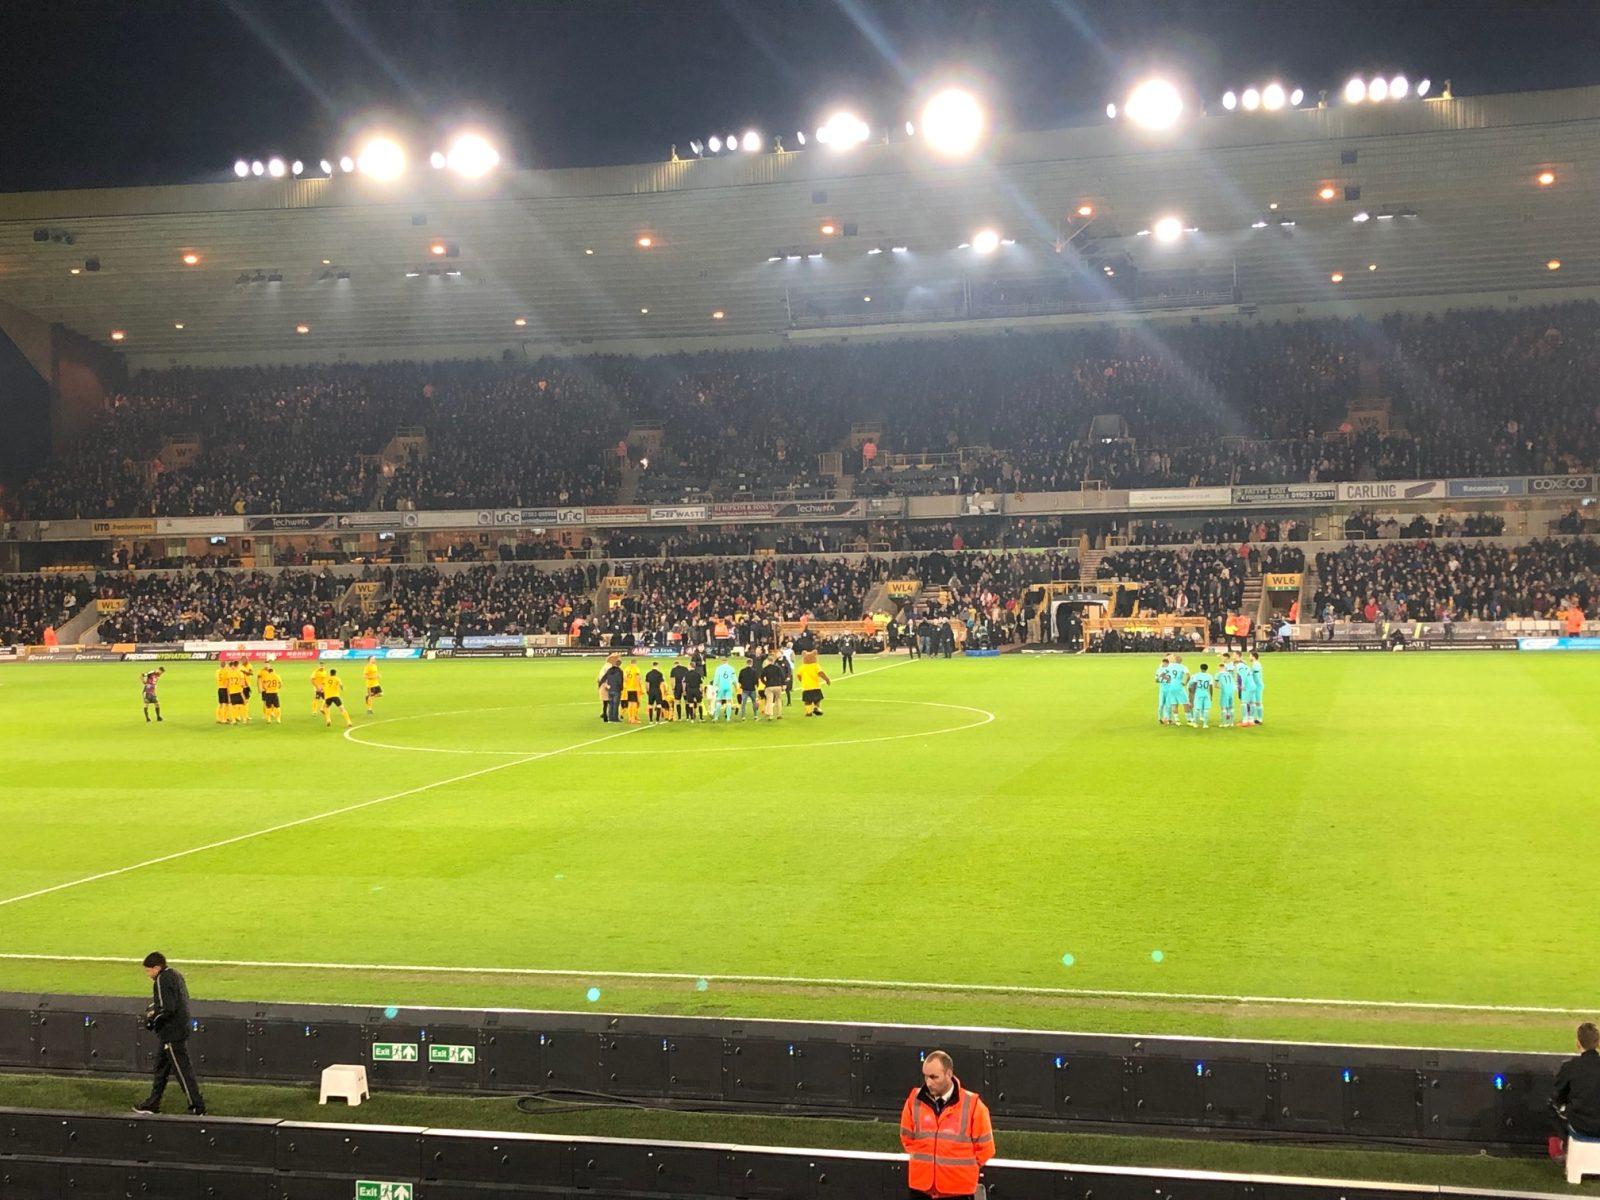 Wolves v Newcastle United 11-02-2019